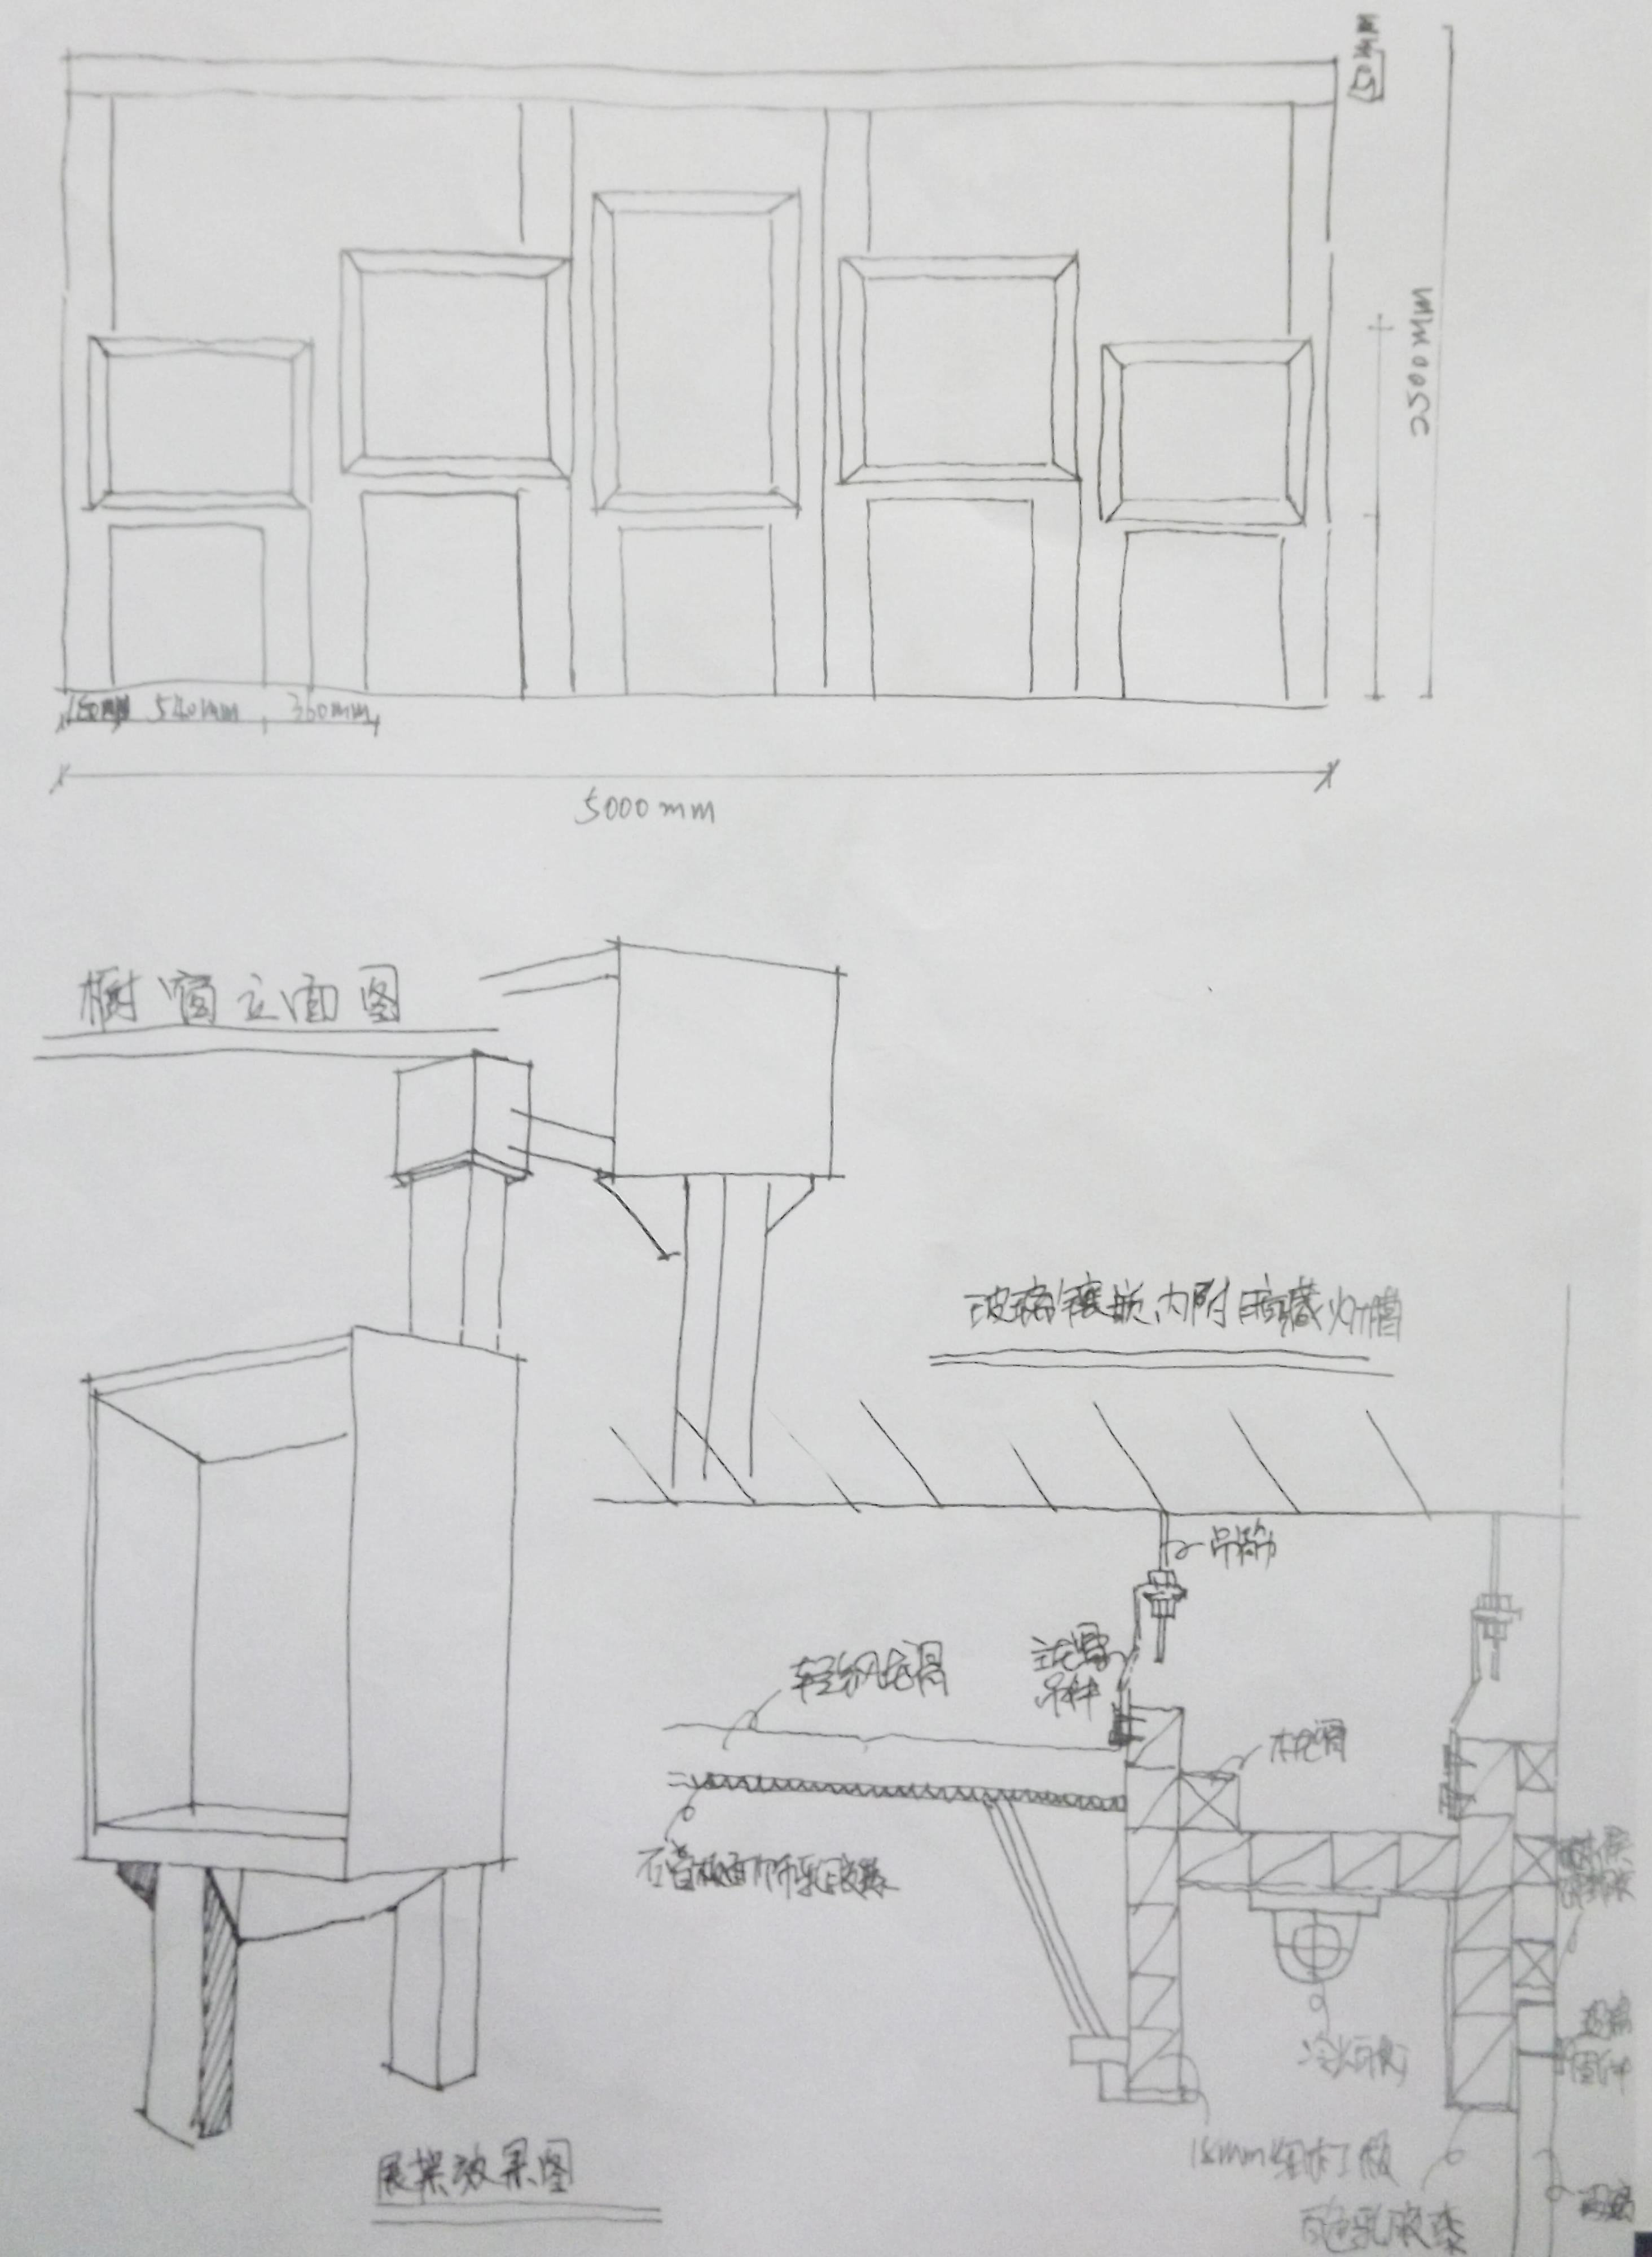 橱窗平面图立面图-平面图立面图剖面图,cad橱窗立面图,平面图和立面图